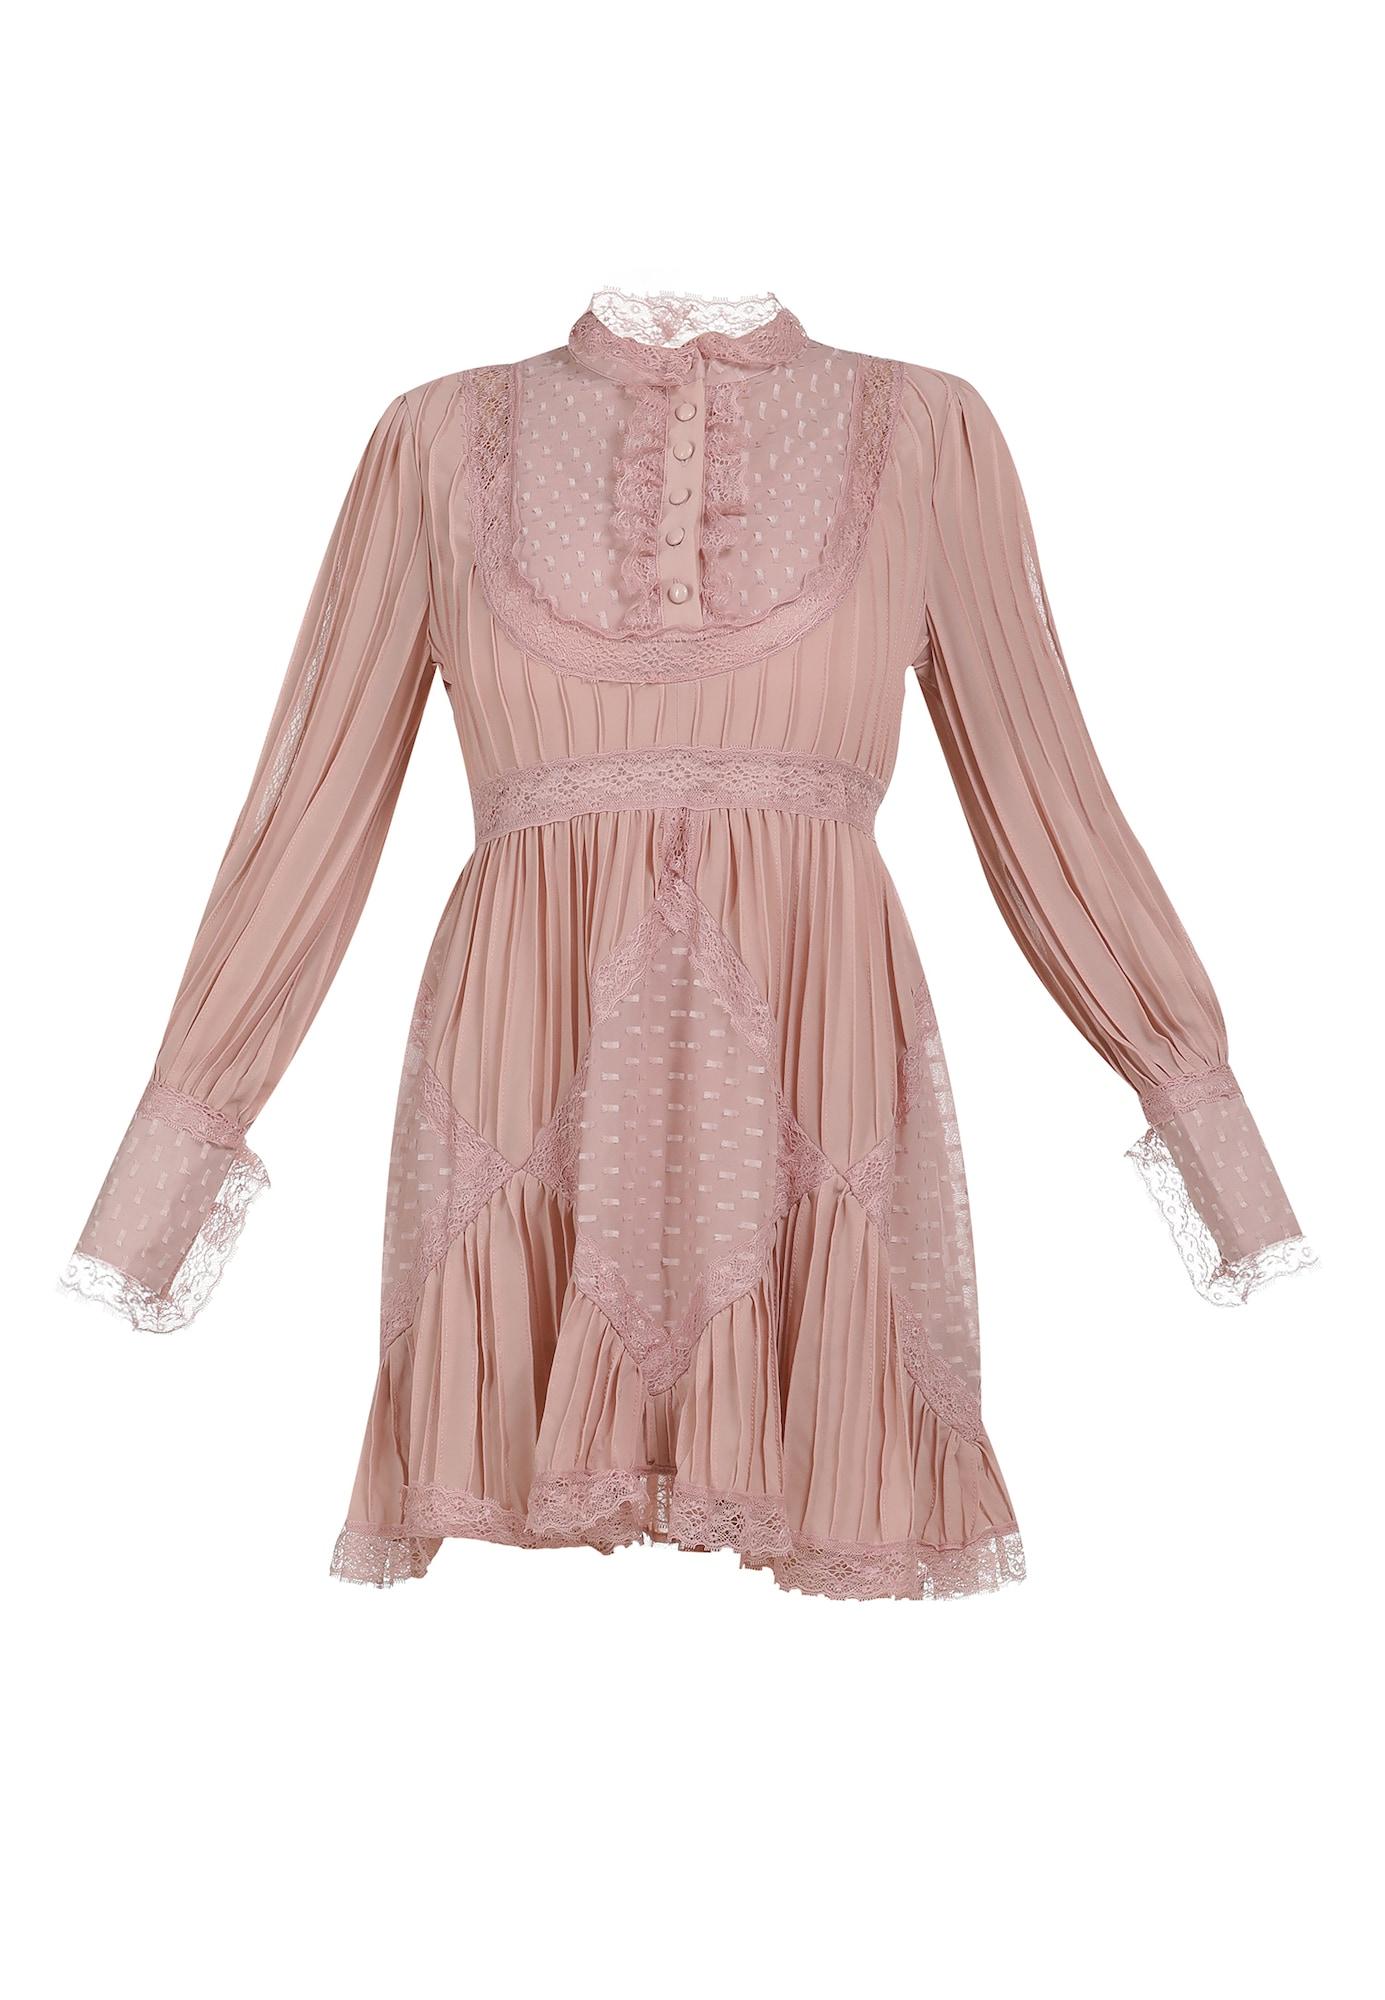 faina Palaidinės tipo suknelė ryškiai rožinė spalva